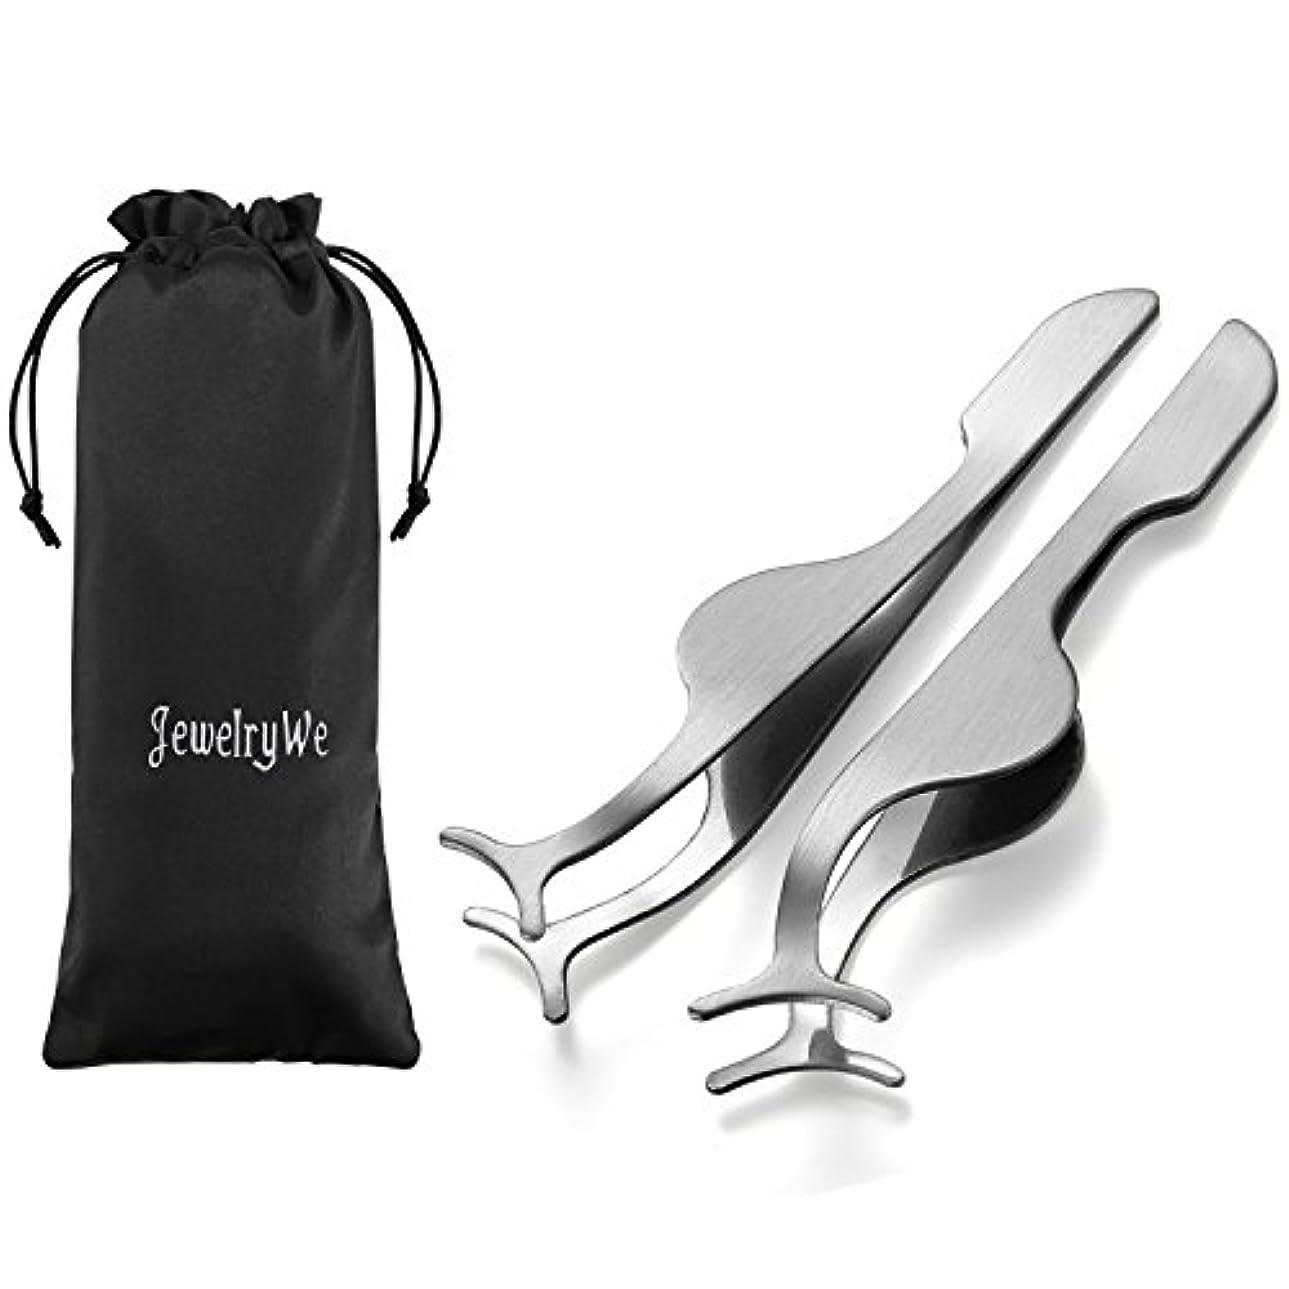 申請中希少性資料JewelryWe 化粧美容ツール まつげステンレス補助 半月型 2個セット シルバー